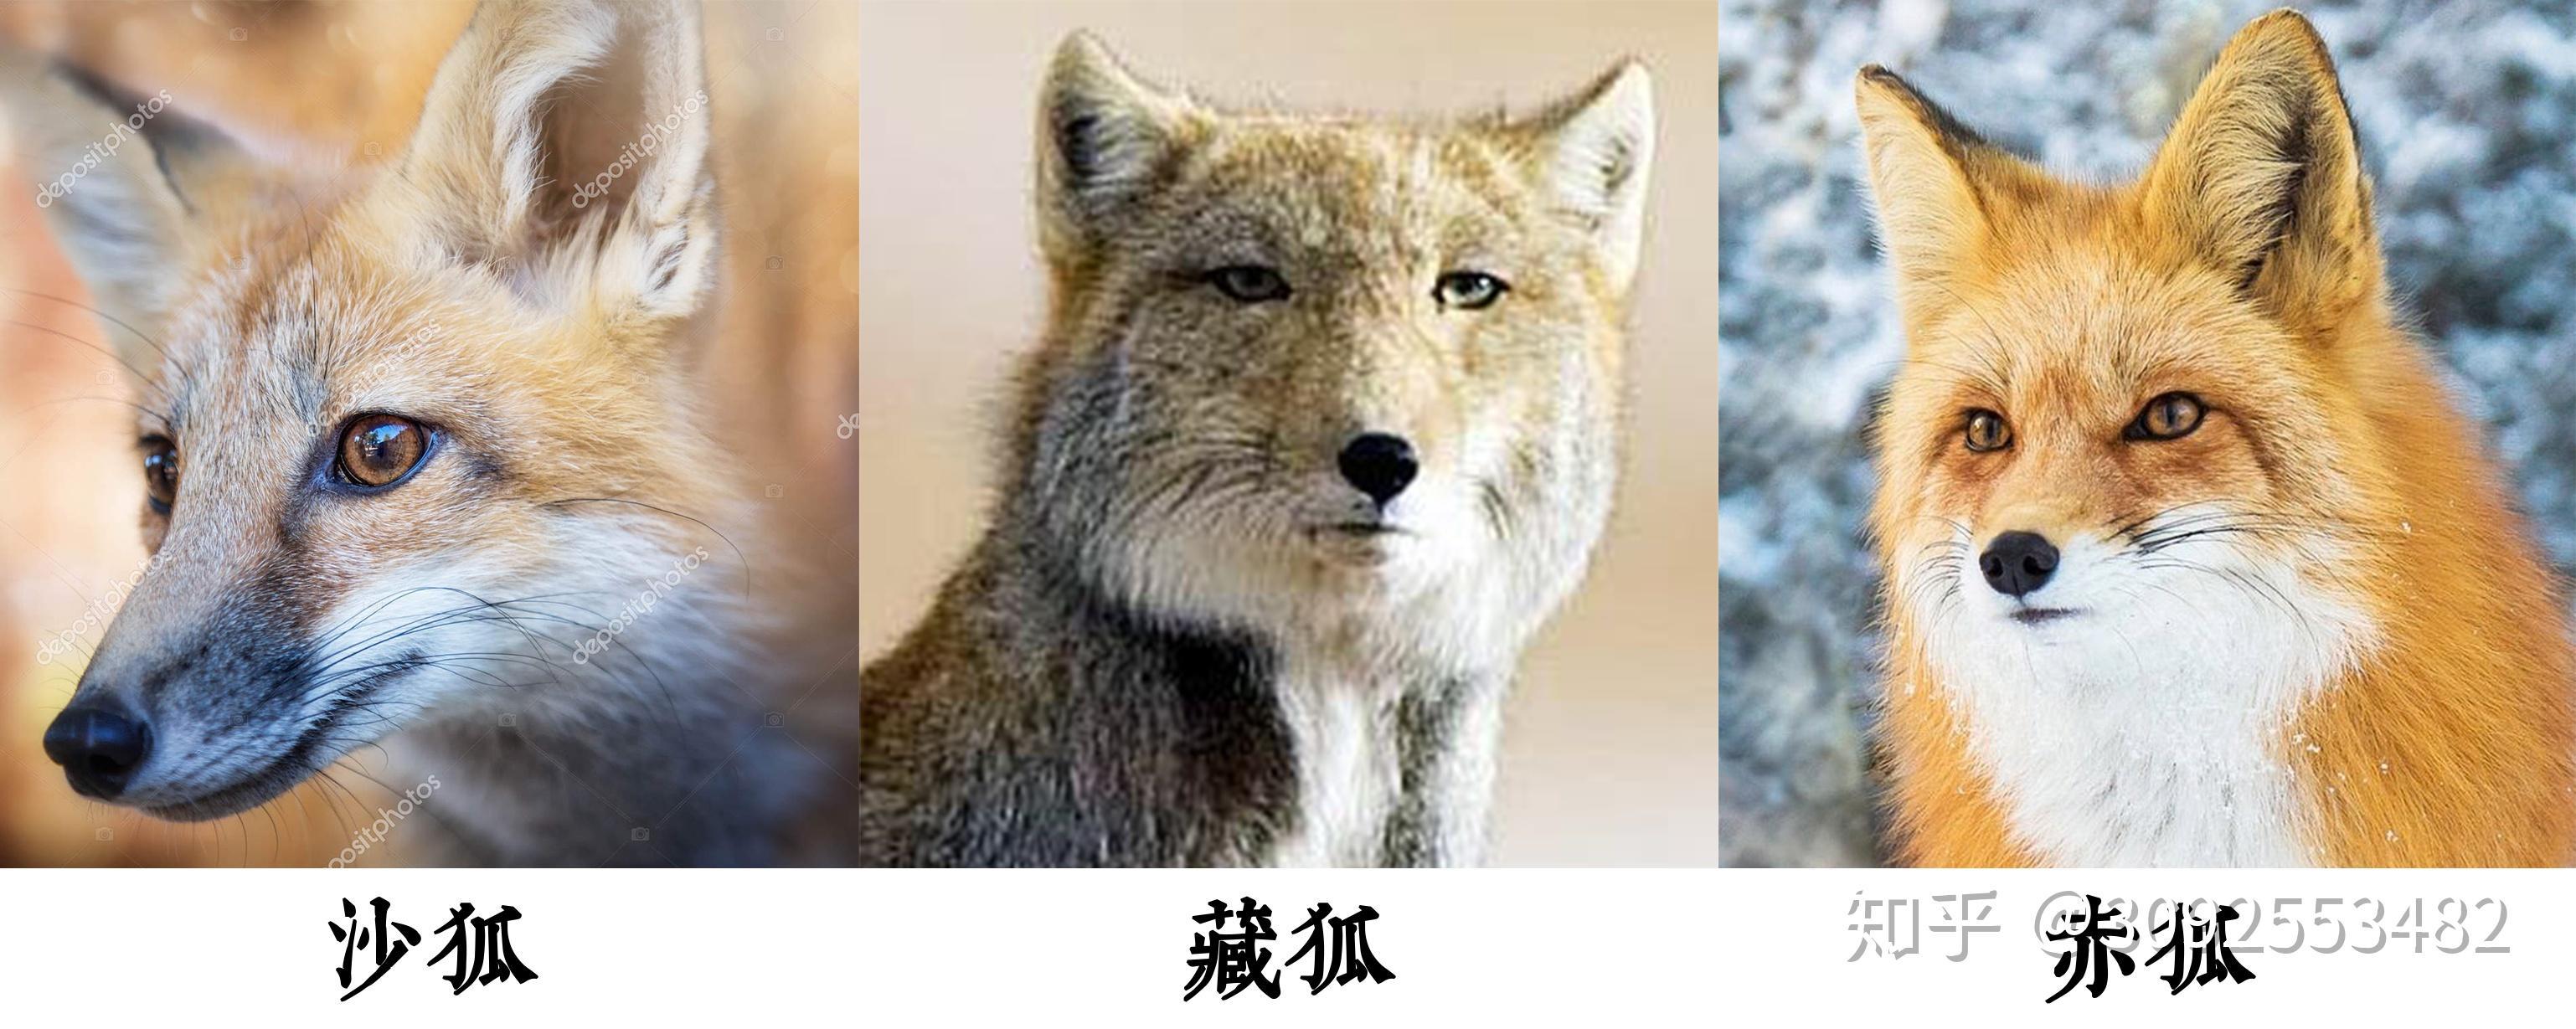 狐文化特辑【一】古代中国幻想世界中的「狐」插图(1)